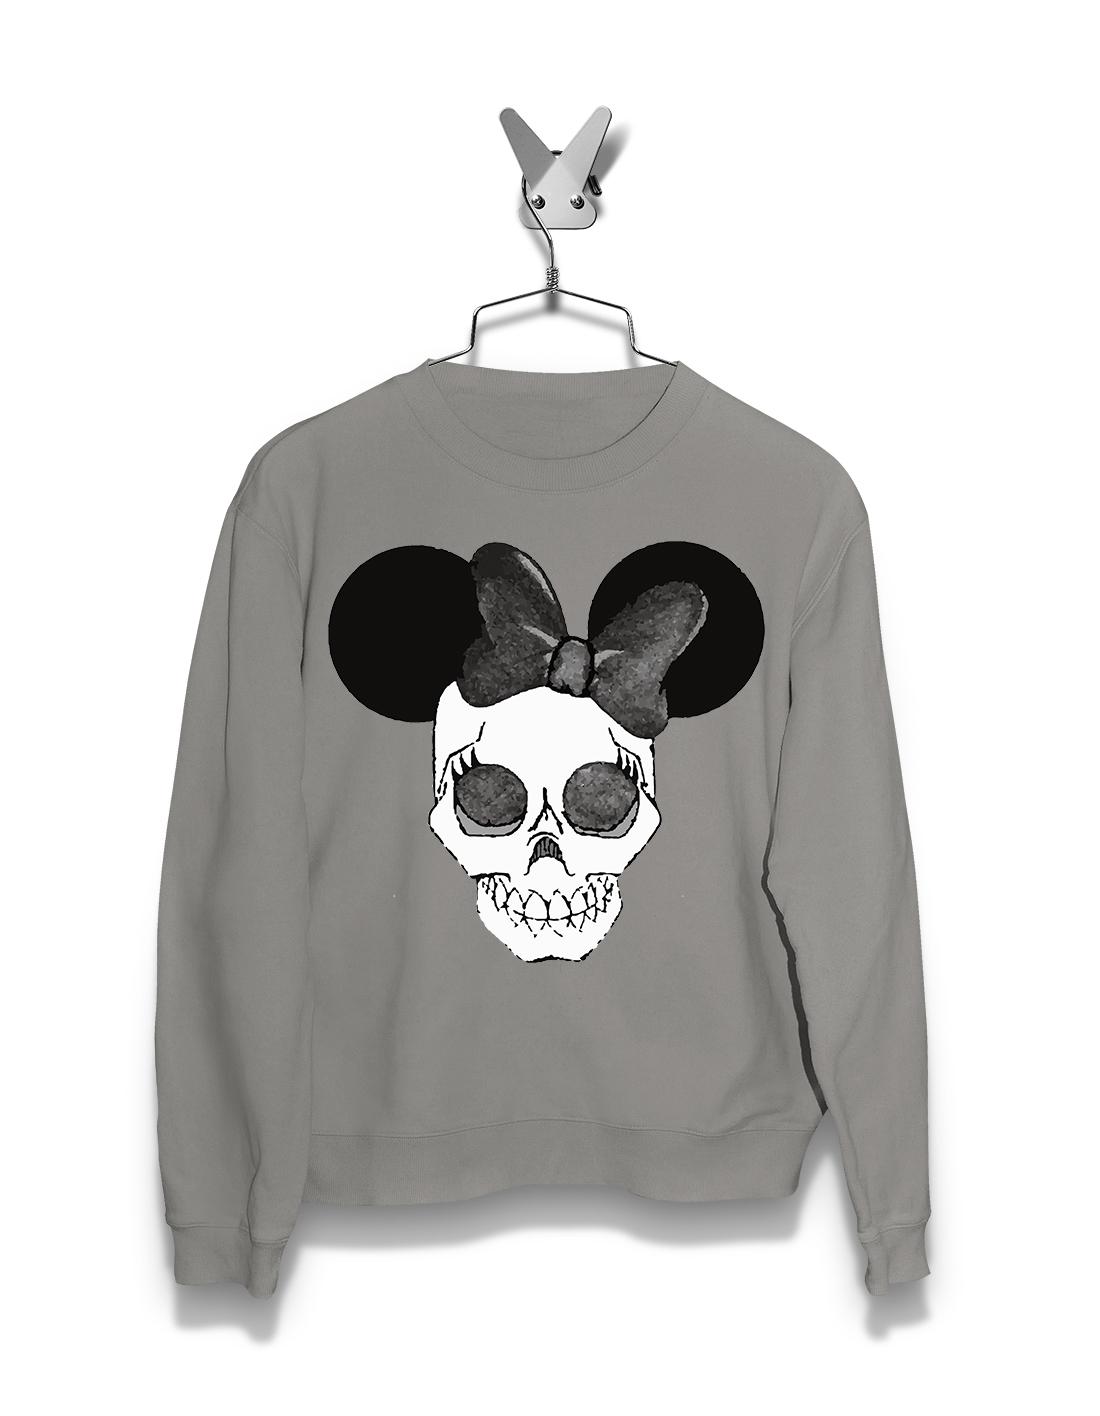 Hoodie Skull Mini Minnie Mouse Sweatshirt Man Failfake Online